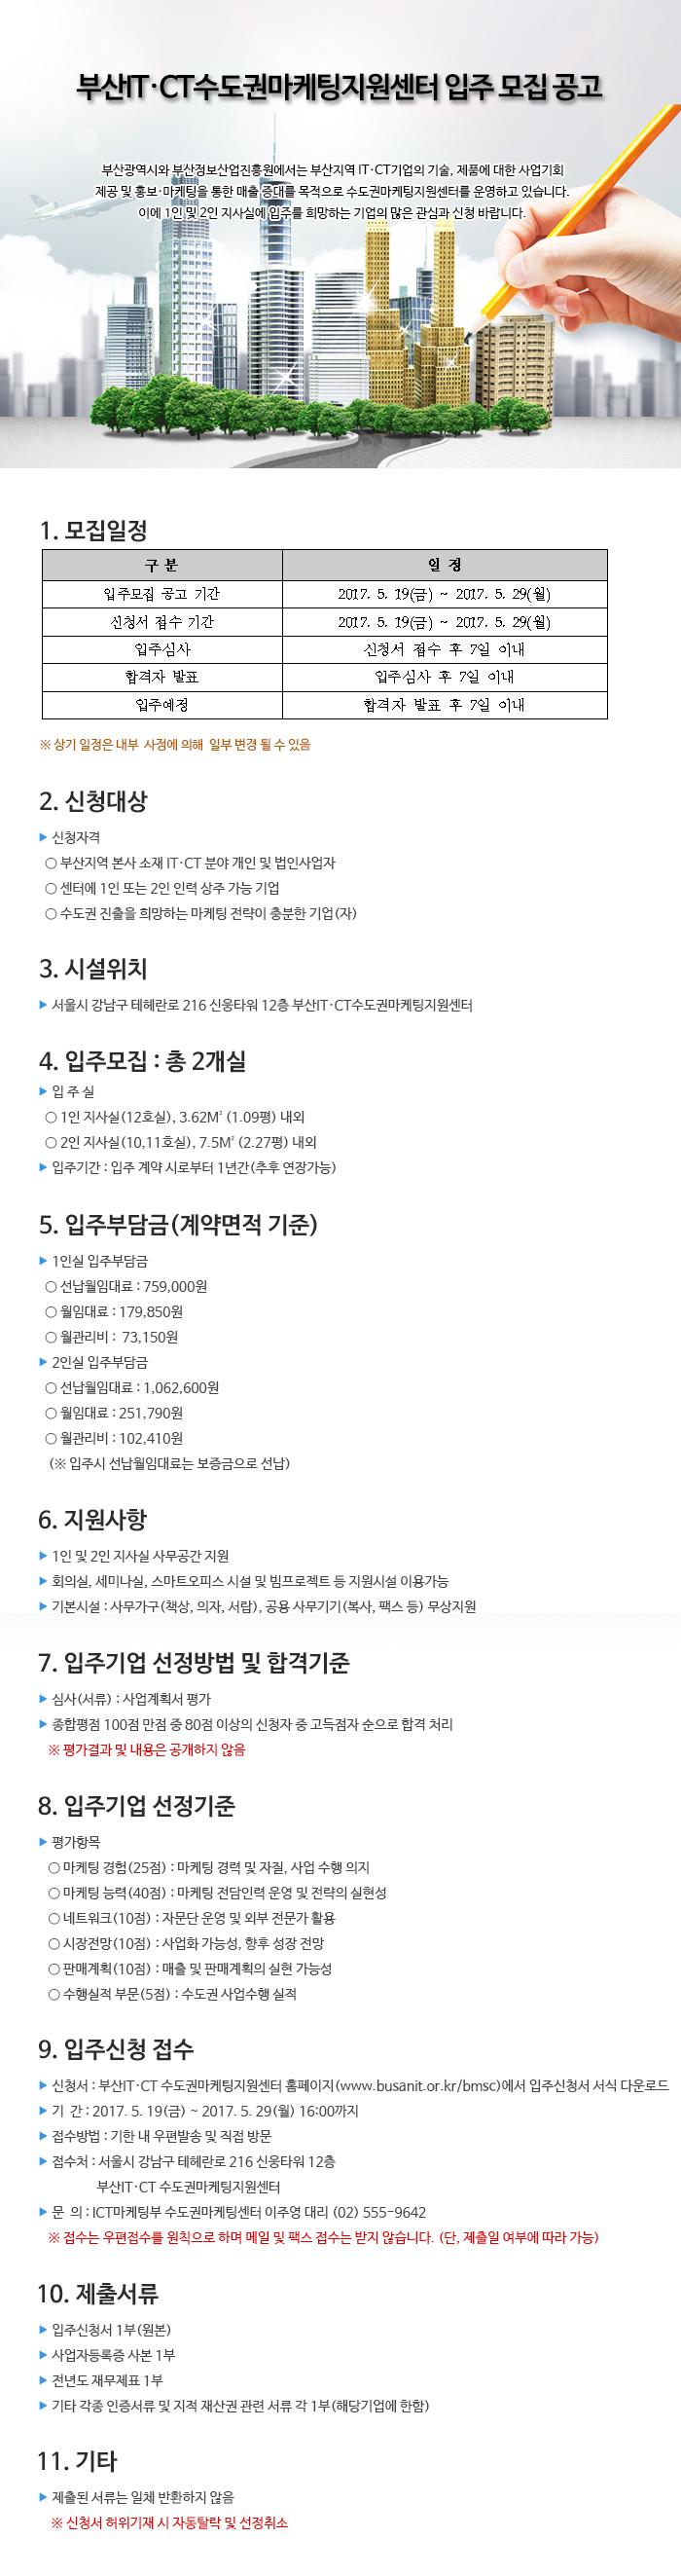 2017년 부산IT·CT수도권마케팅지원센터 3차 입주공고문